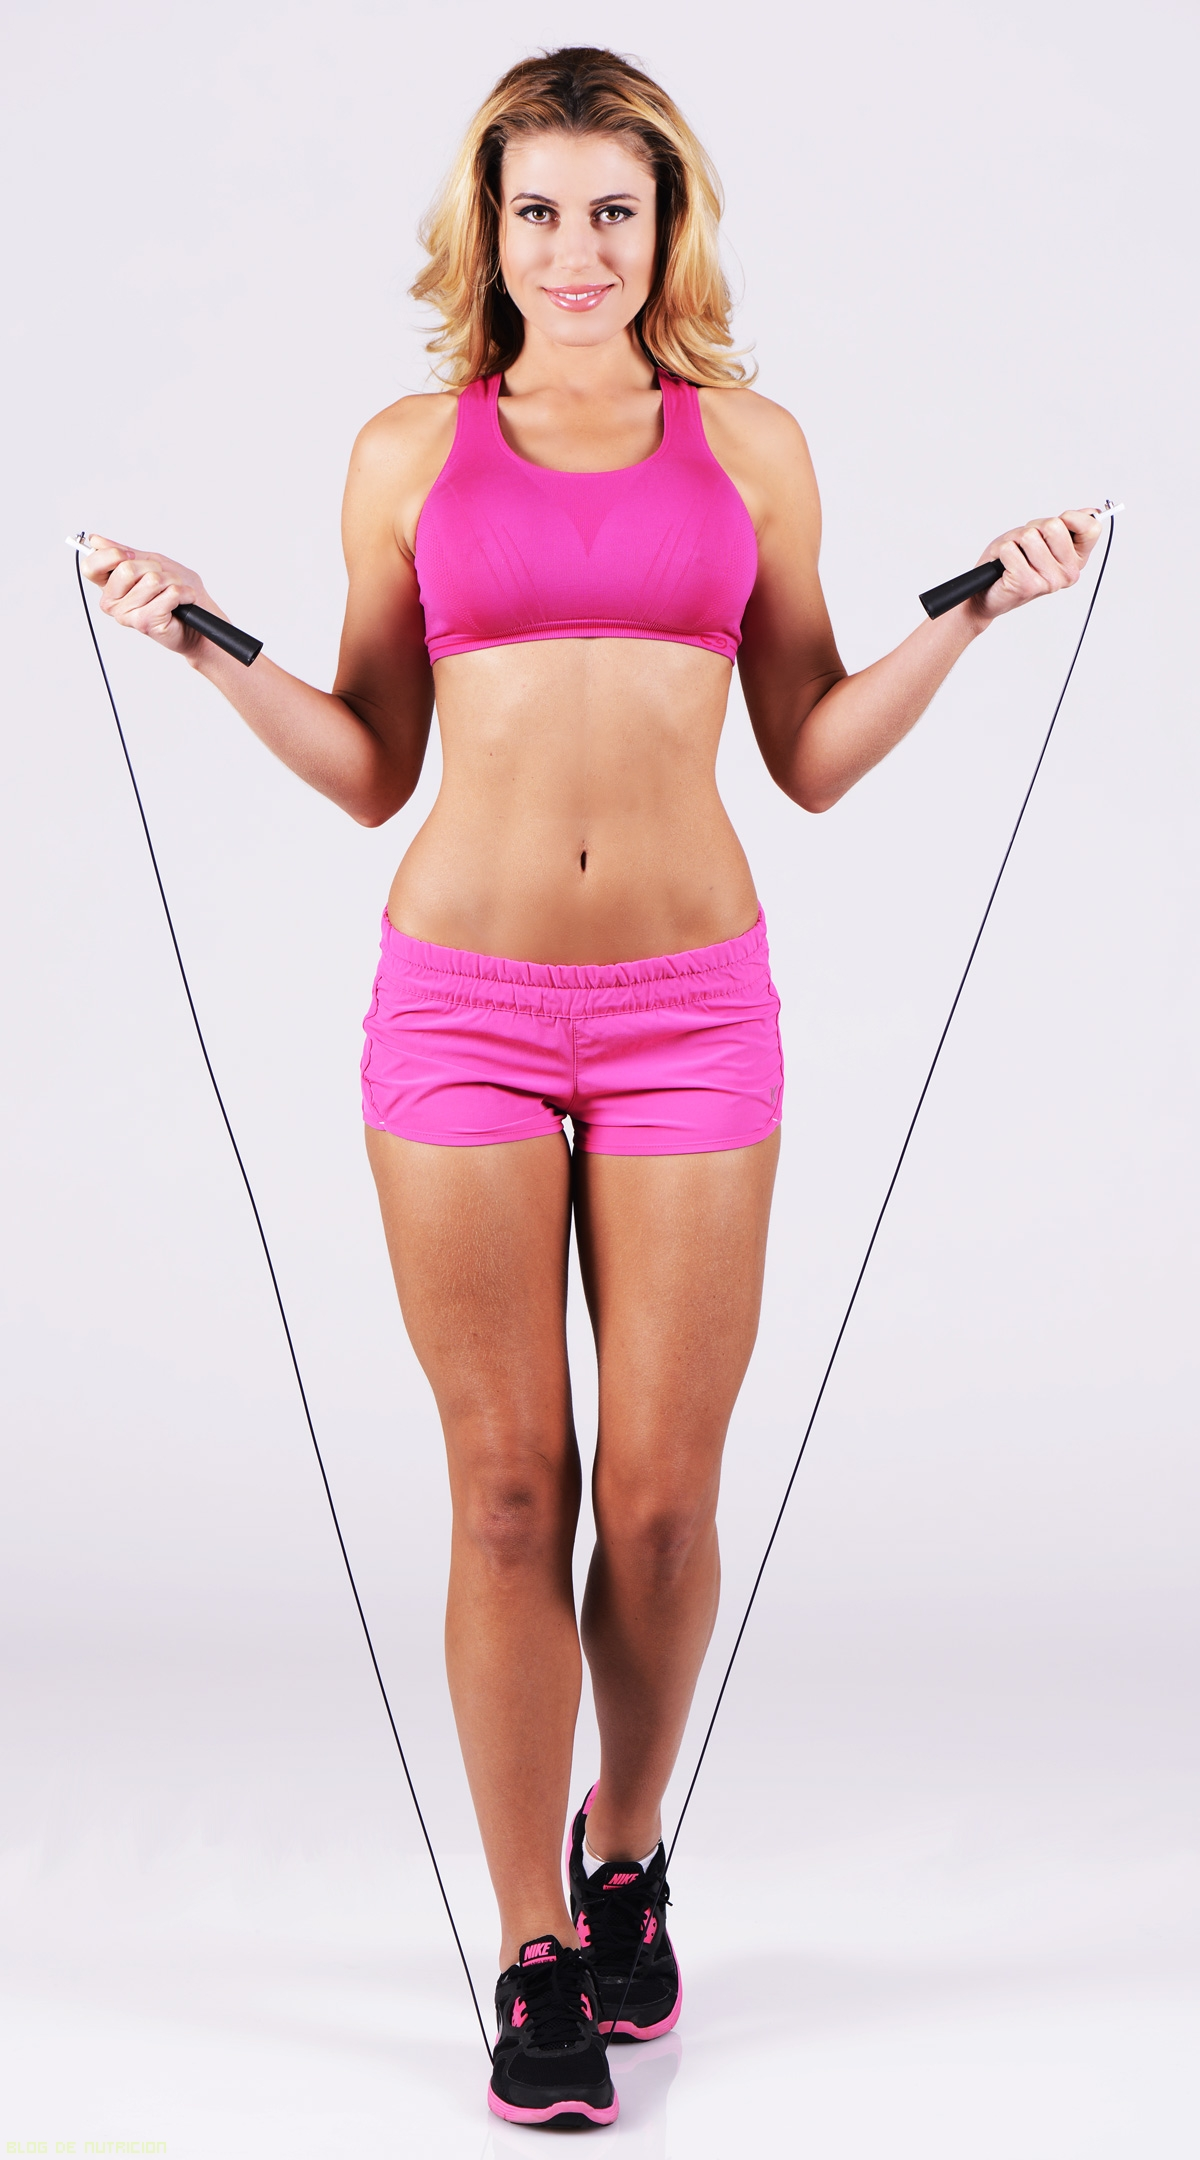 Quemar grasa con ejercicios caseros